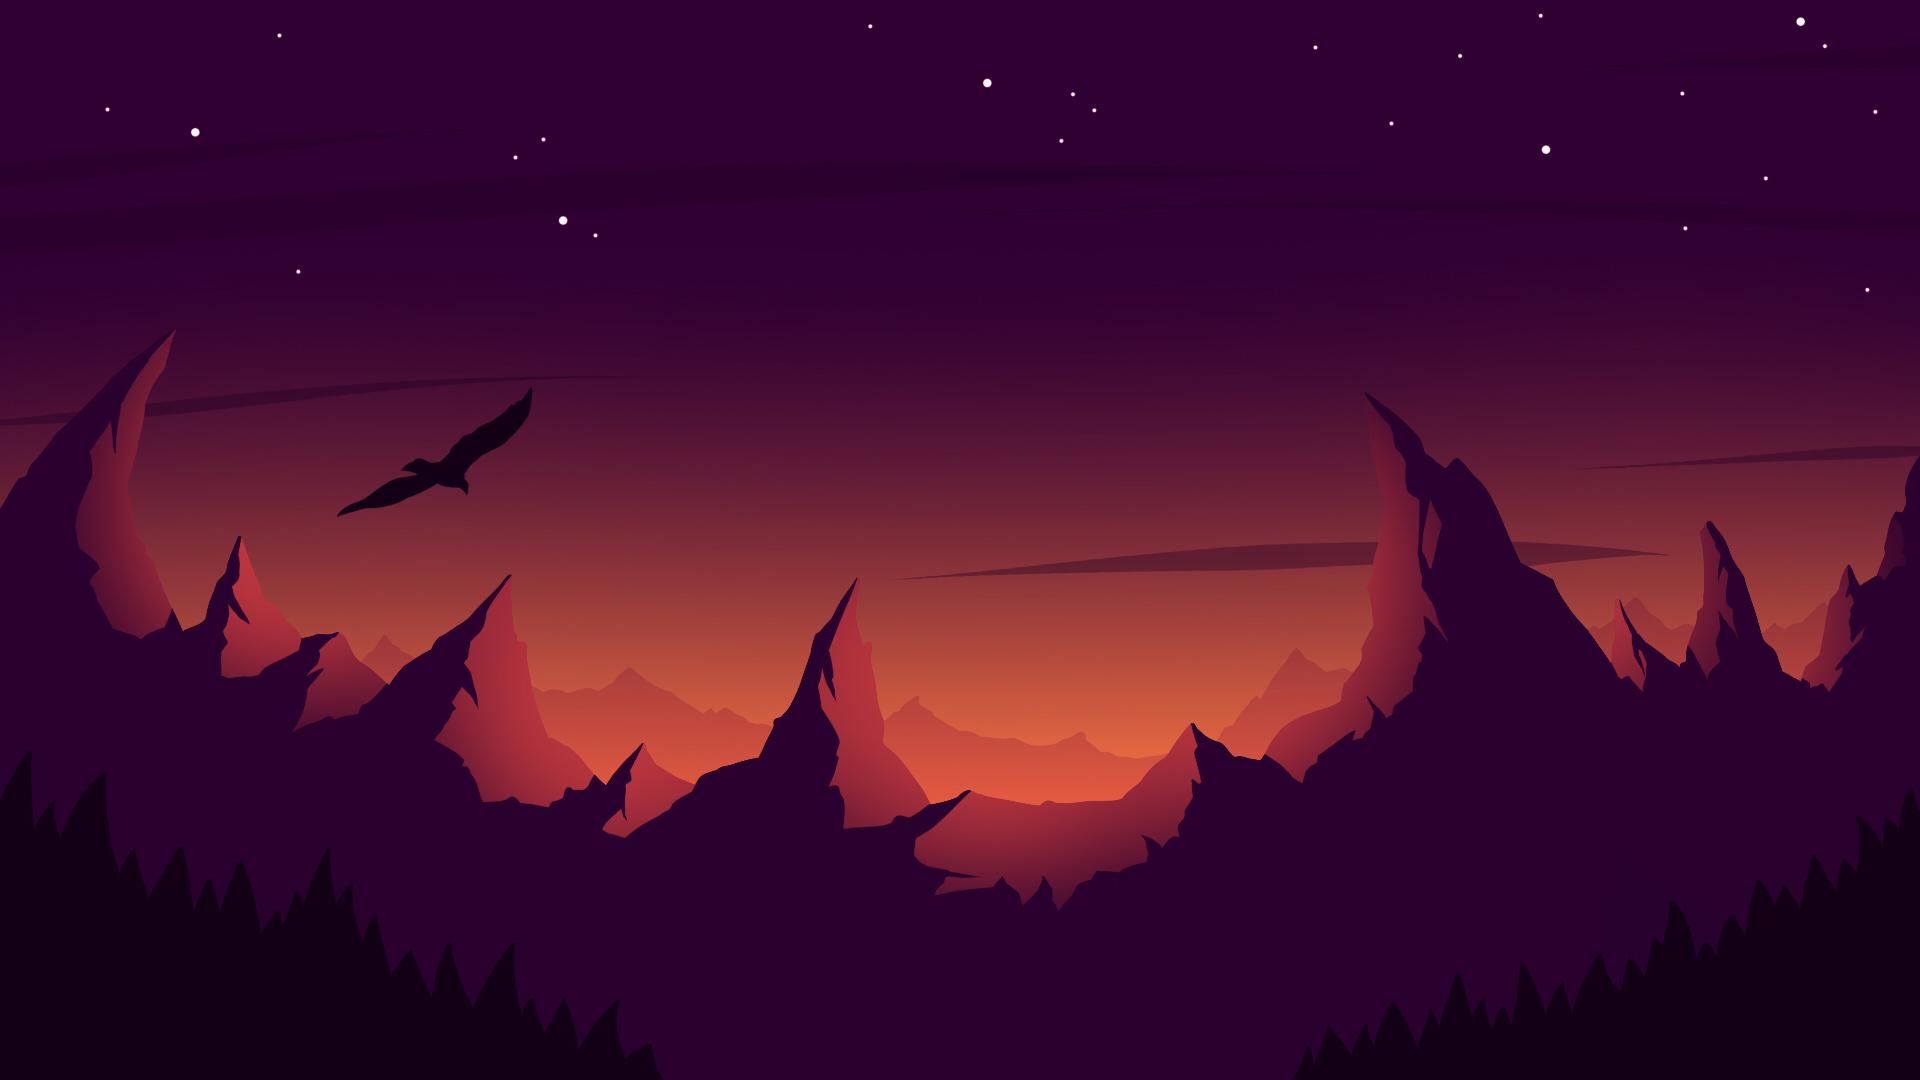 2560x1440 Eagle Mountain Sunset Minimalist 1440p Resolution